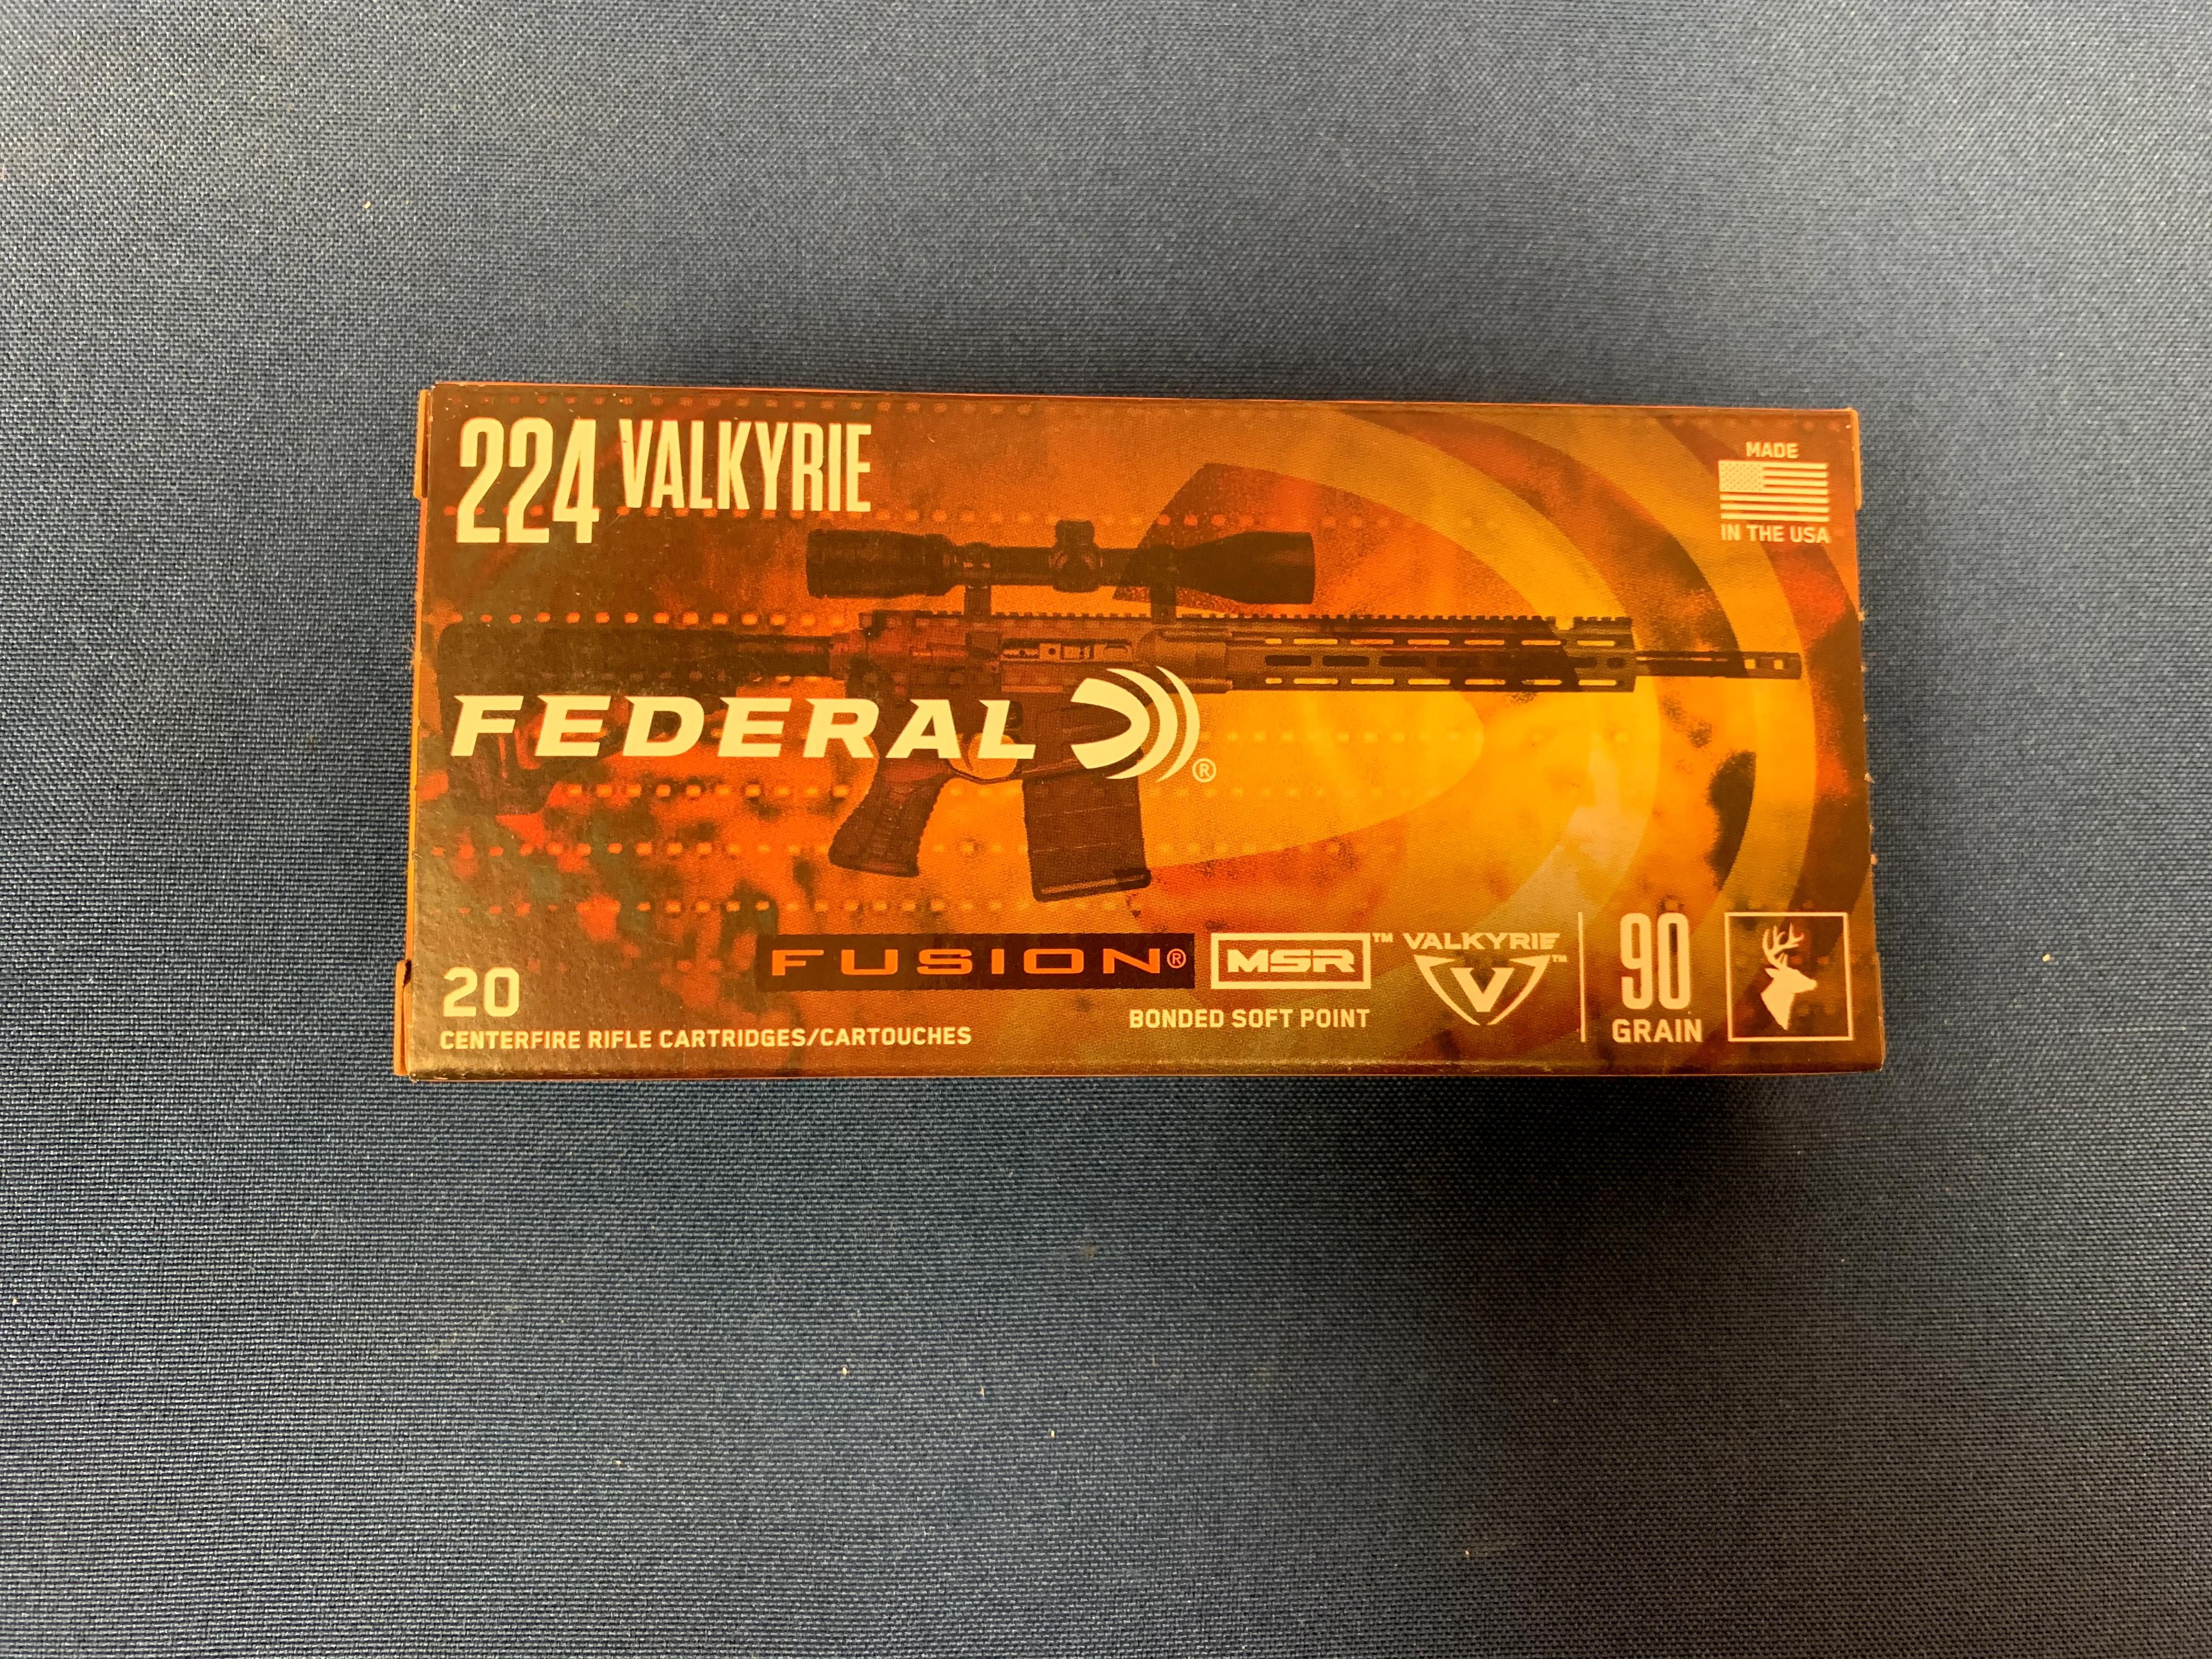 Federal .224 Valkyrie